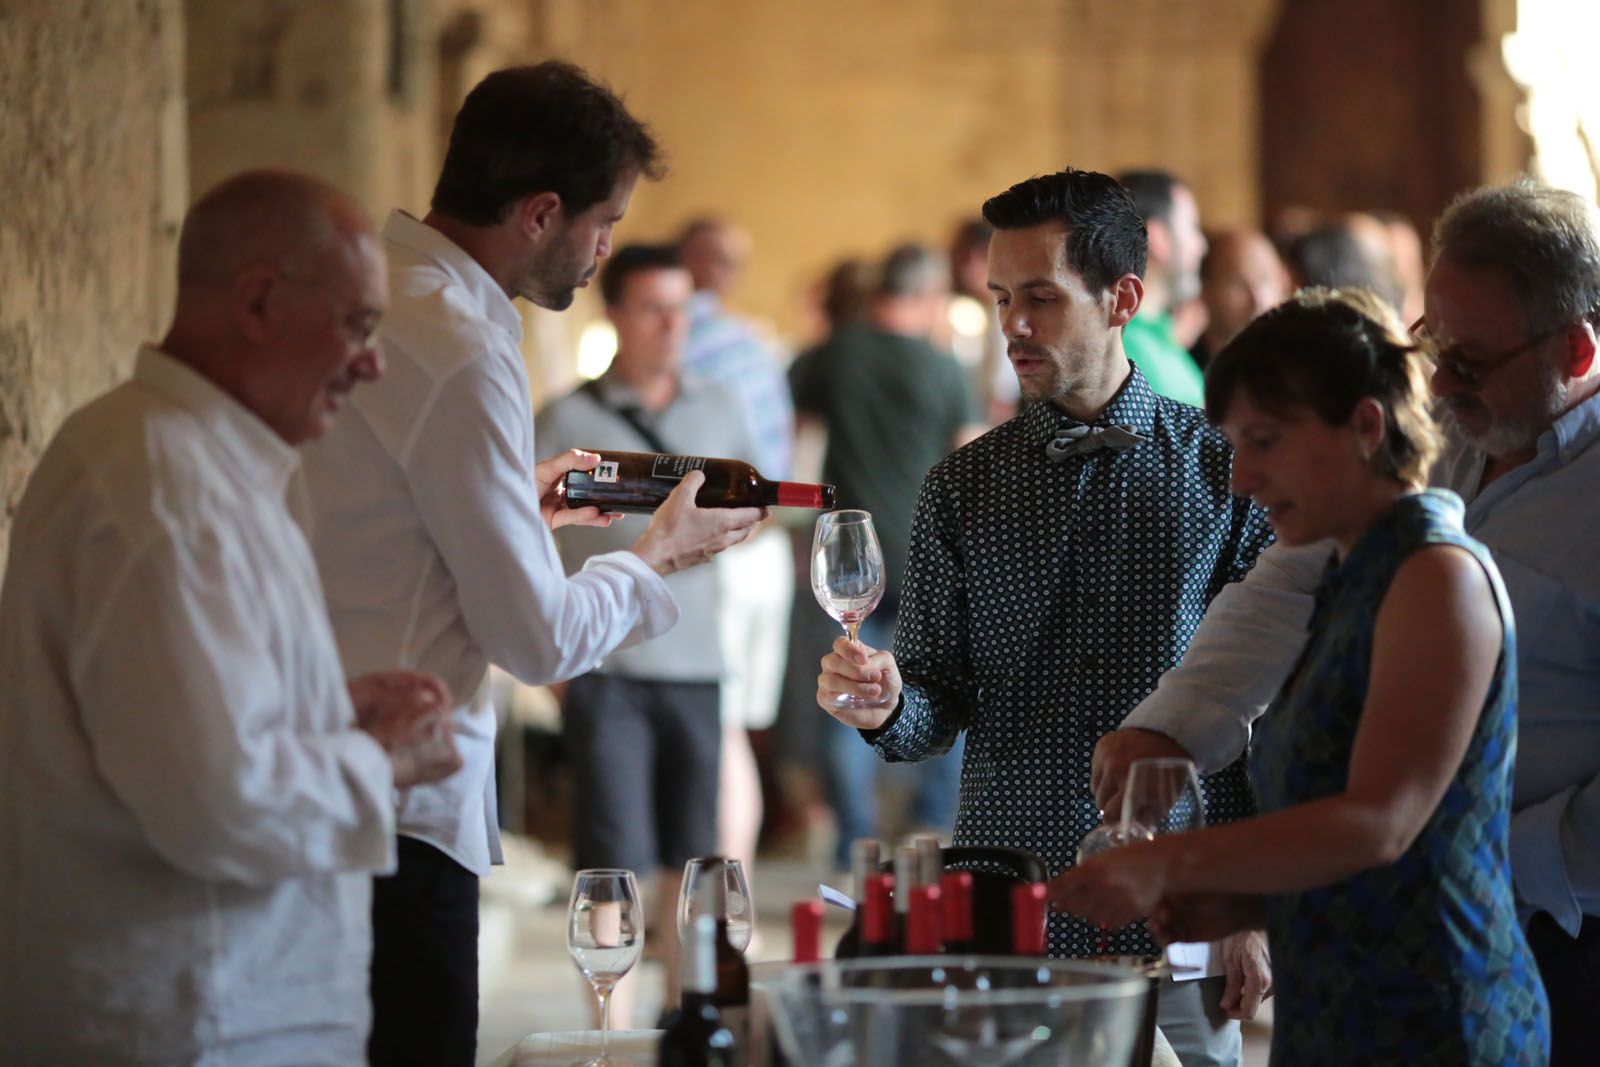 Tast de vins amb ritme FOTO: Artur Ribera